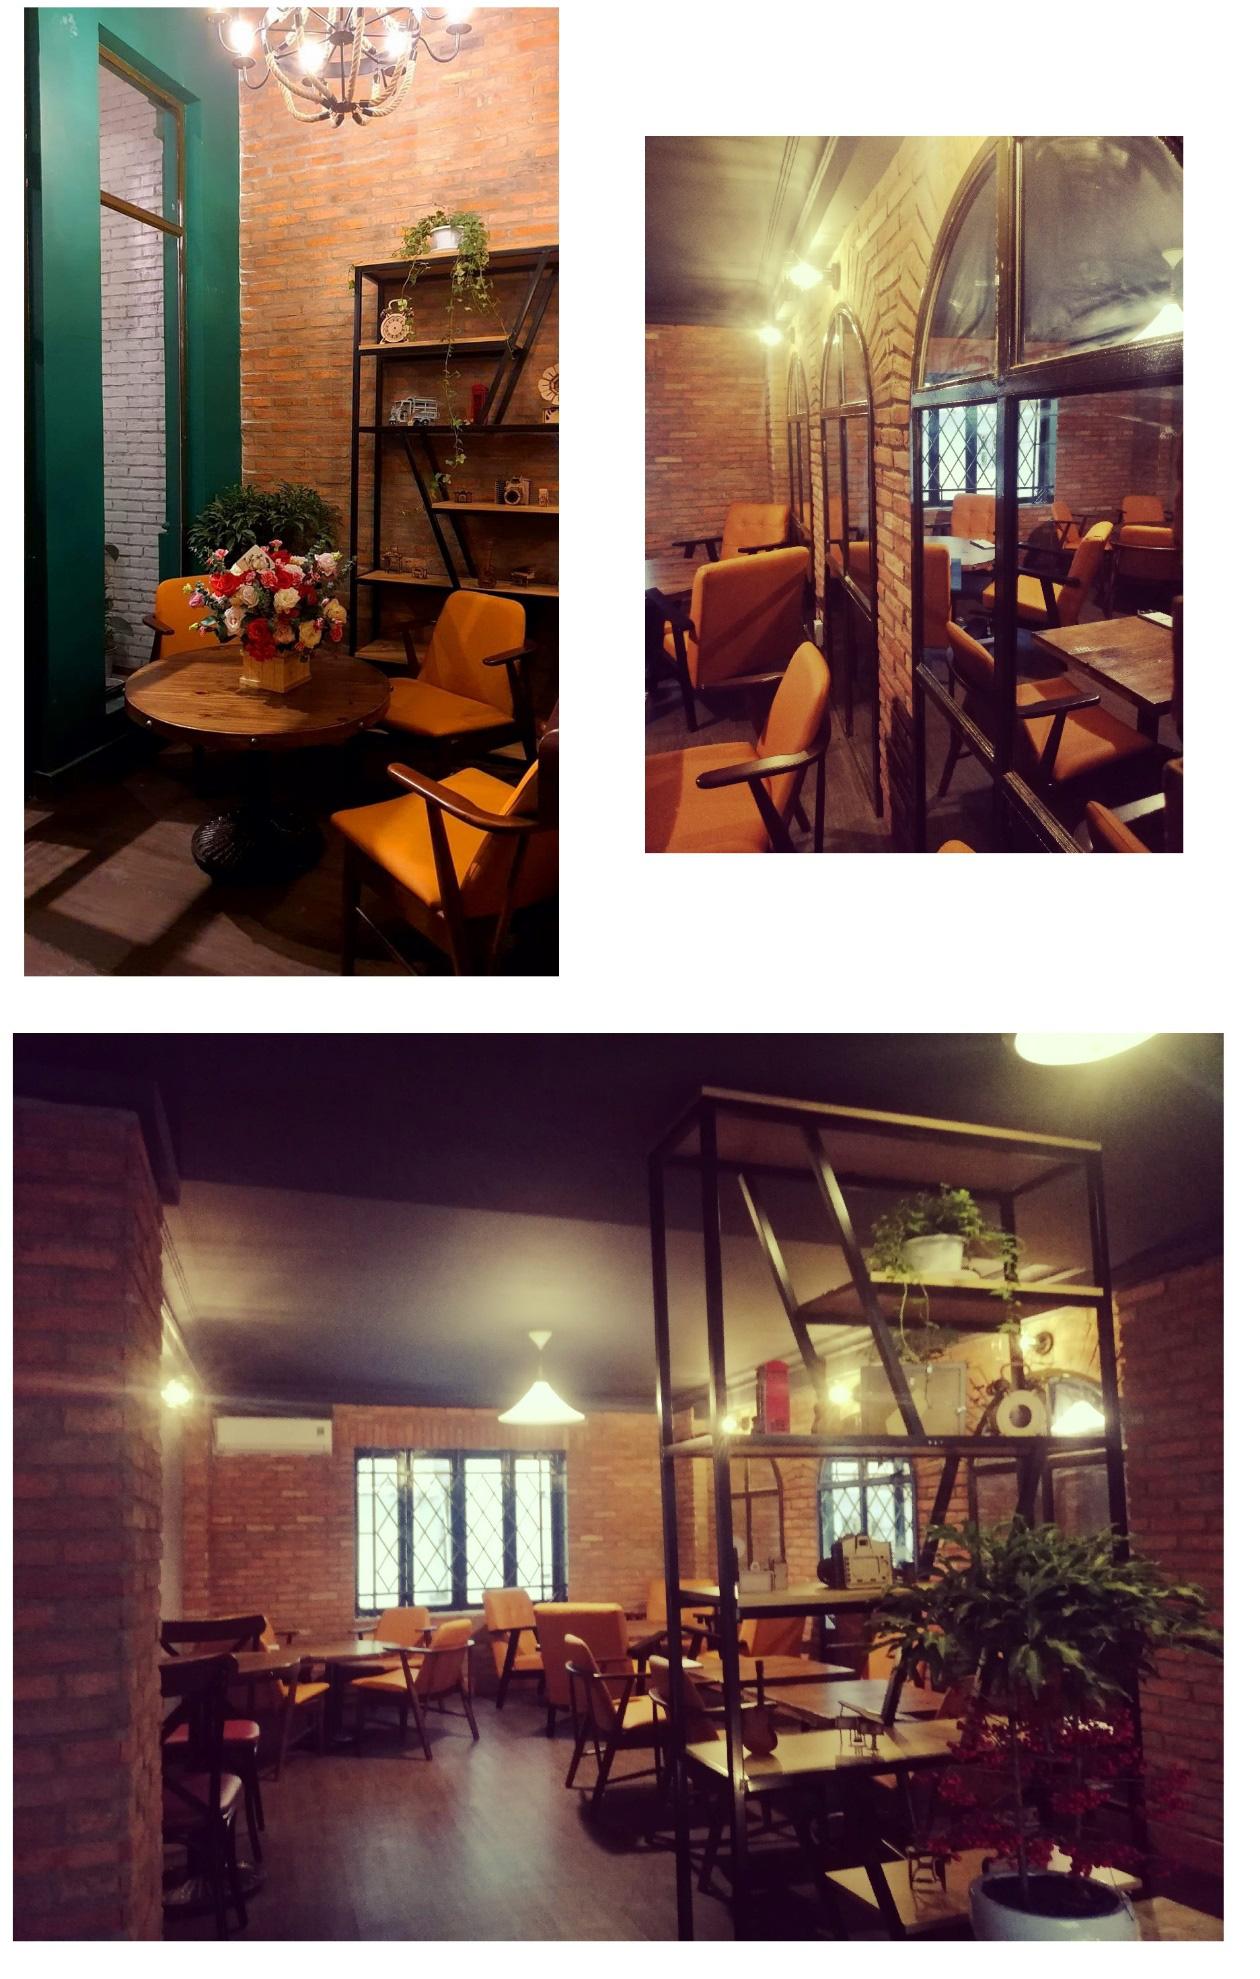 Bất ngờ với AKÓMA Café & Fusion – Một không gian châu Âu tối giản giữa lòng Sài Gòn - Ảnh 2.